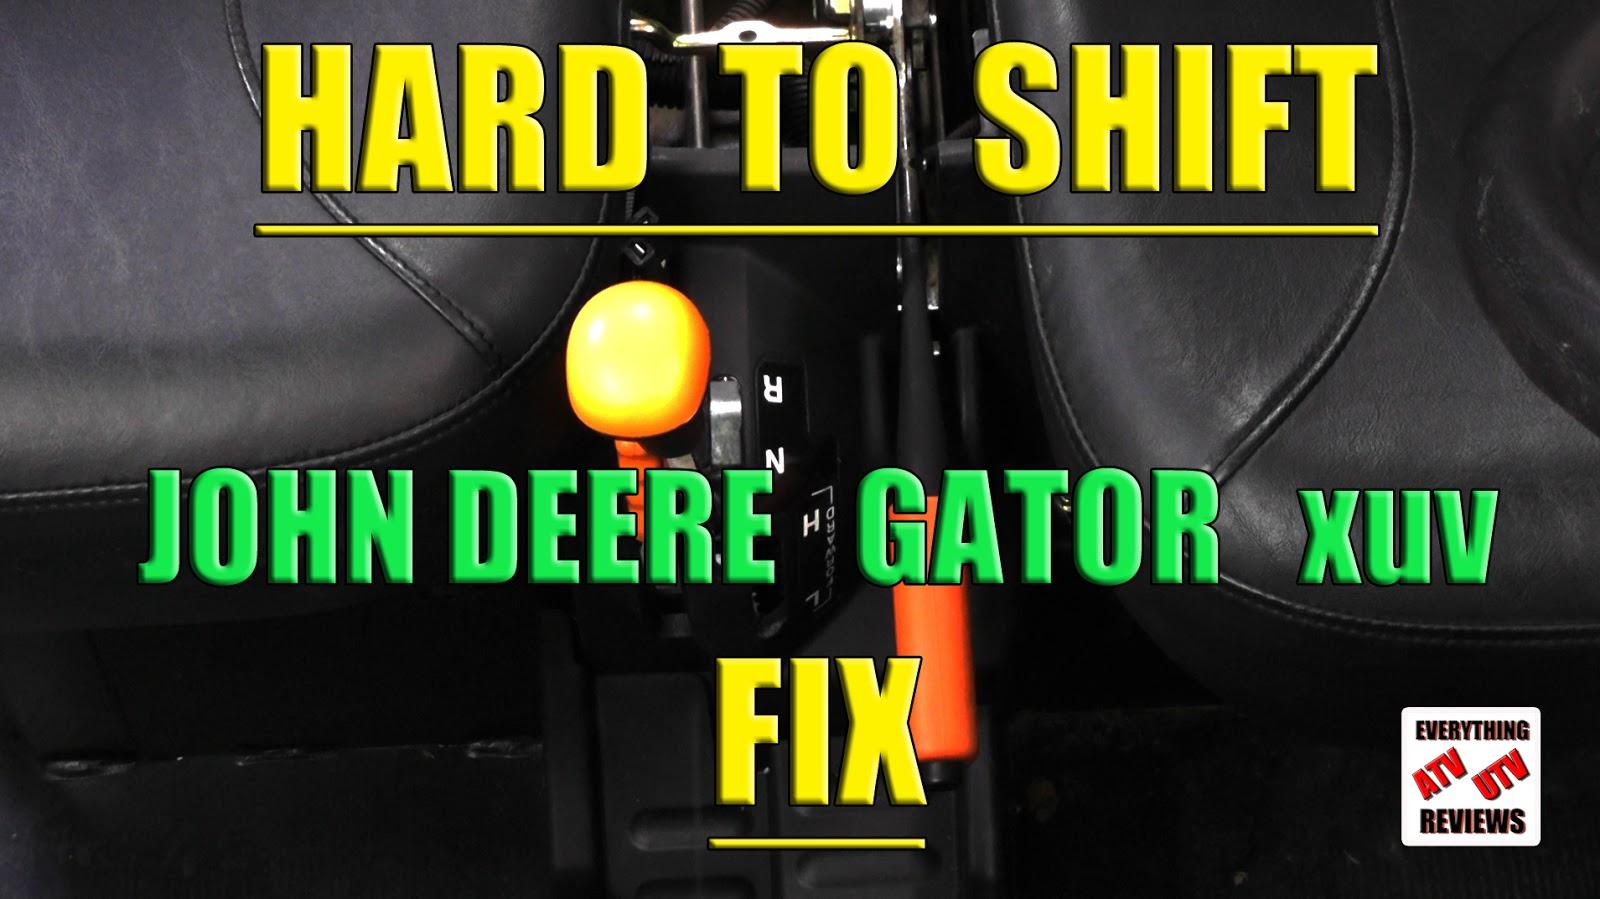 2013 john deere gator 855d wiring diagram everything atv utv reviews john deere gator [ 1600 x 899 Pixel ]